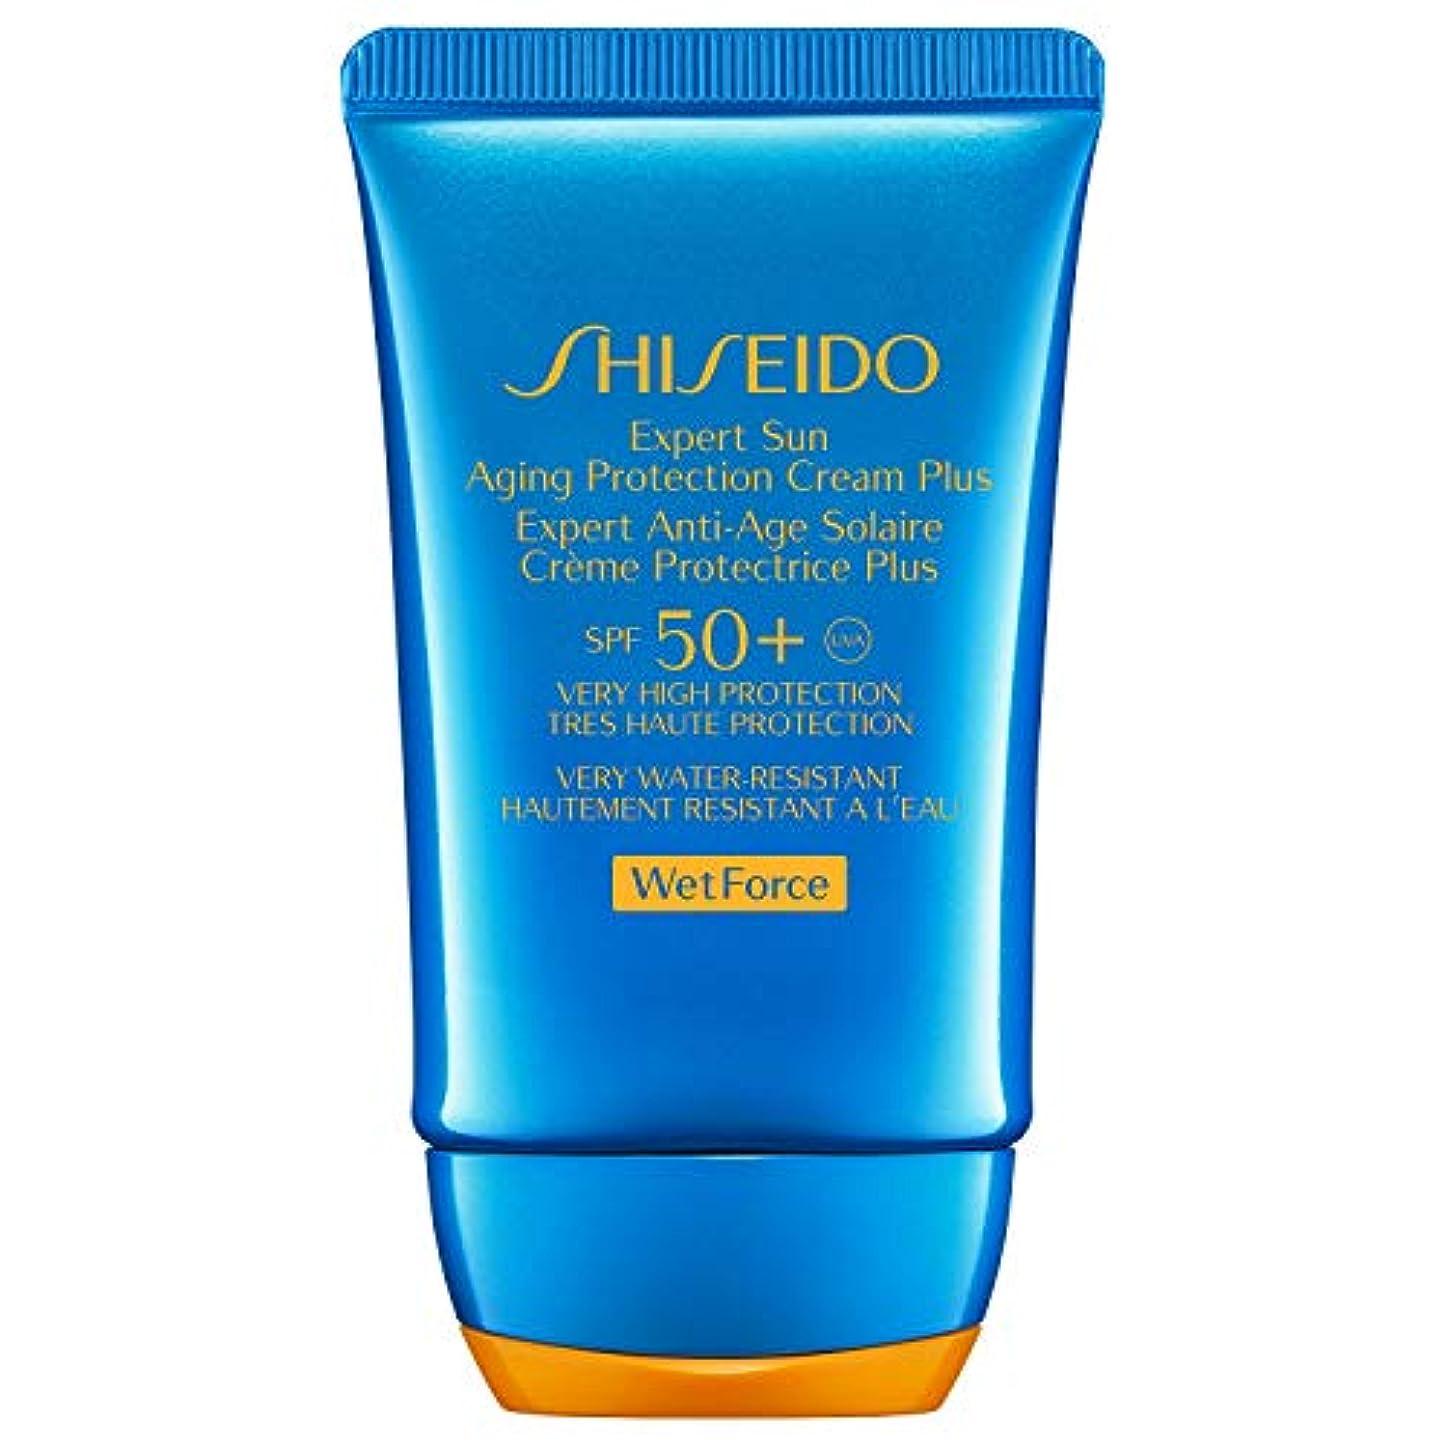 フライト封建残る[Shiseido] 保護ローションSpf 50 + 50ミリリットルを老化専門日Wetforce資生堂 - Shiseido Wetforce Expert Sun Aging Protection Lotion Spf...